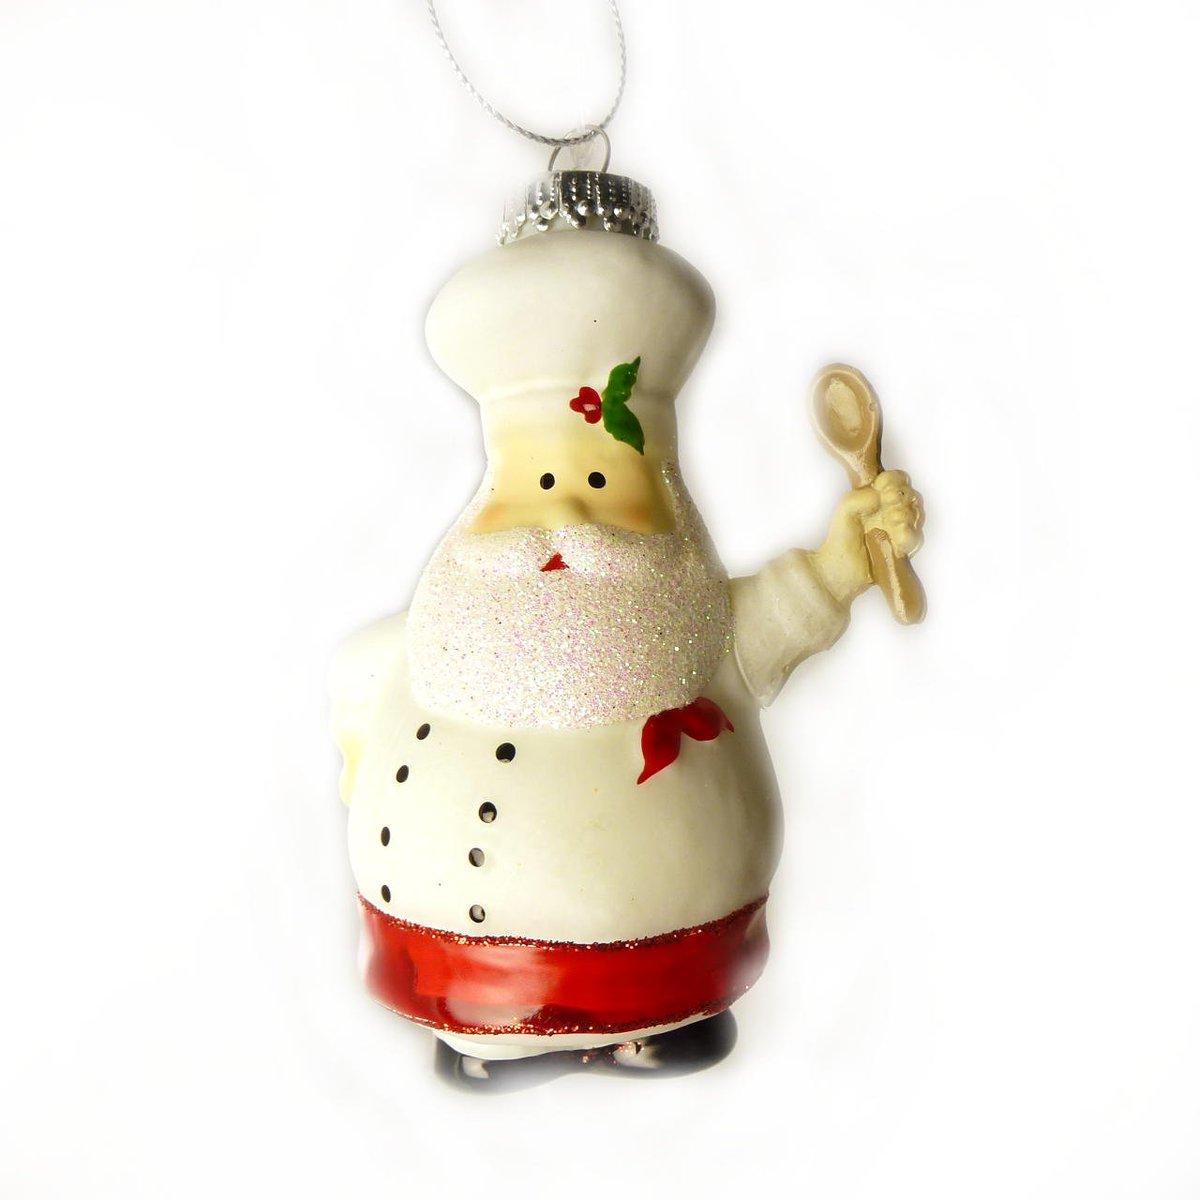 Lustige Weihnachtskugeln.Shop Weihnachtskugeln On Twitter Lustige Weihnachtskugeln In